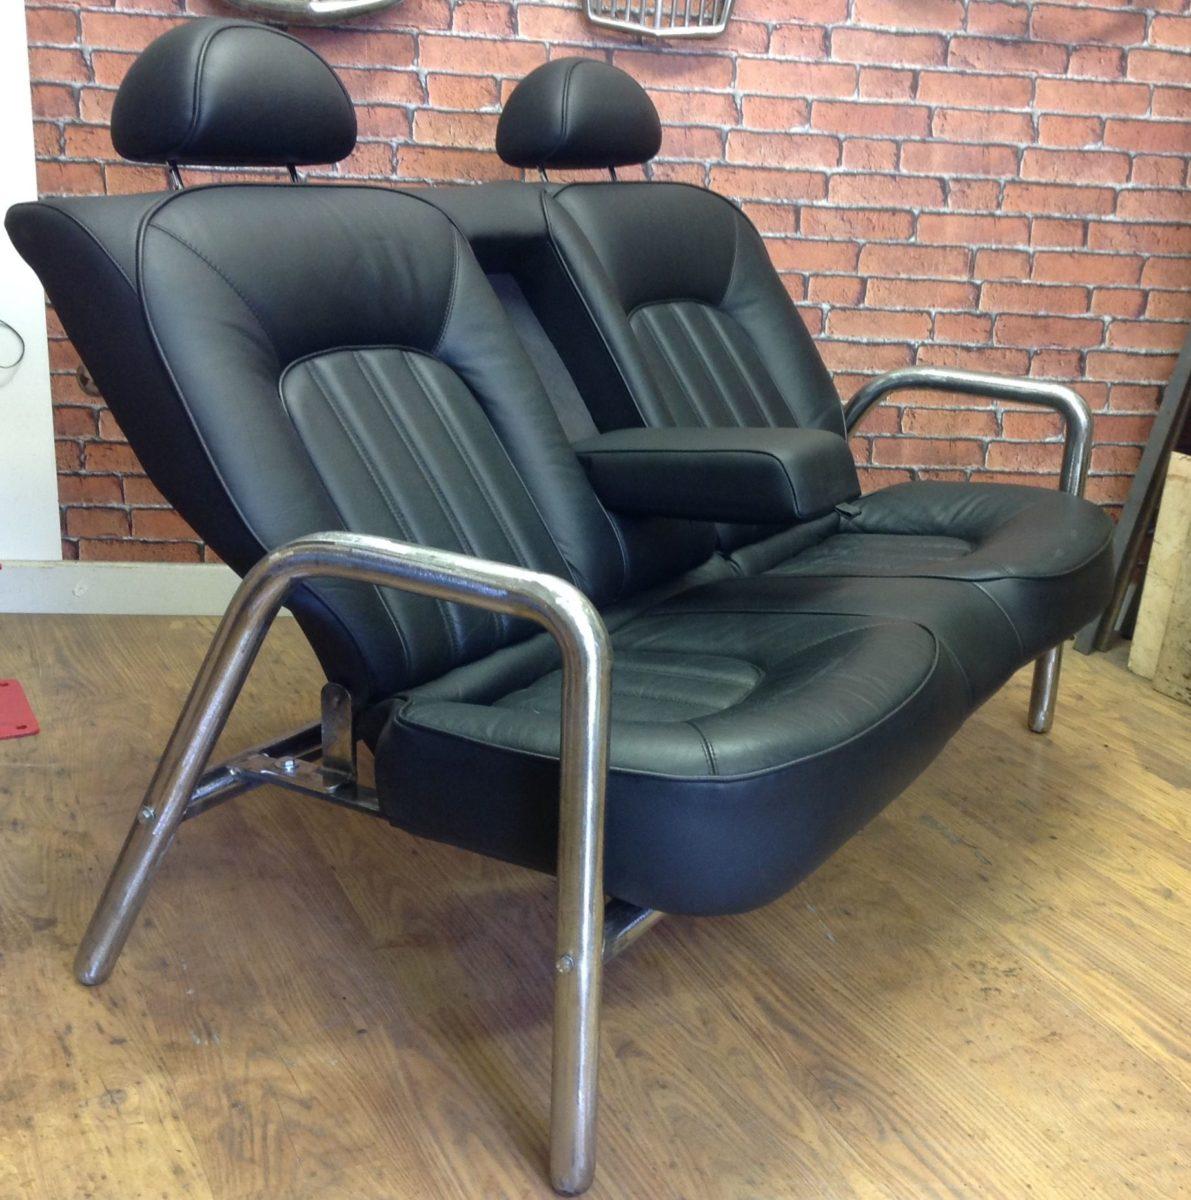 divano-sedile-auto-rover